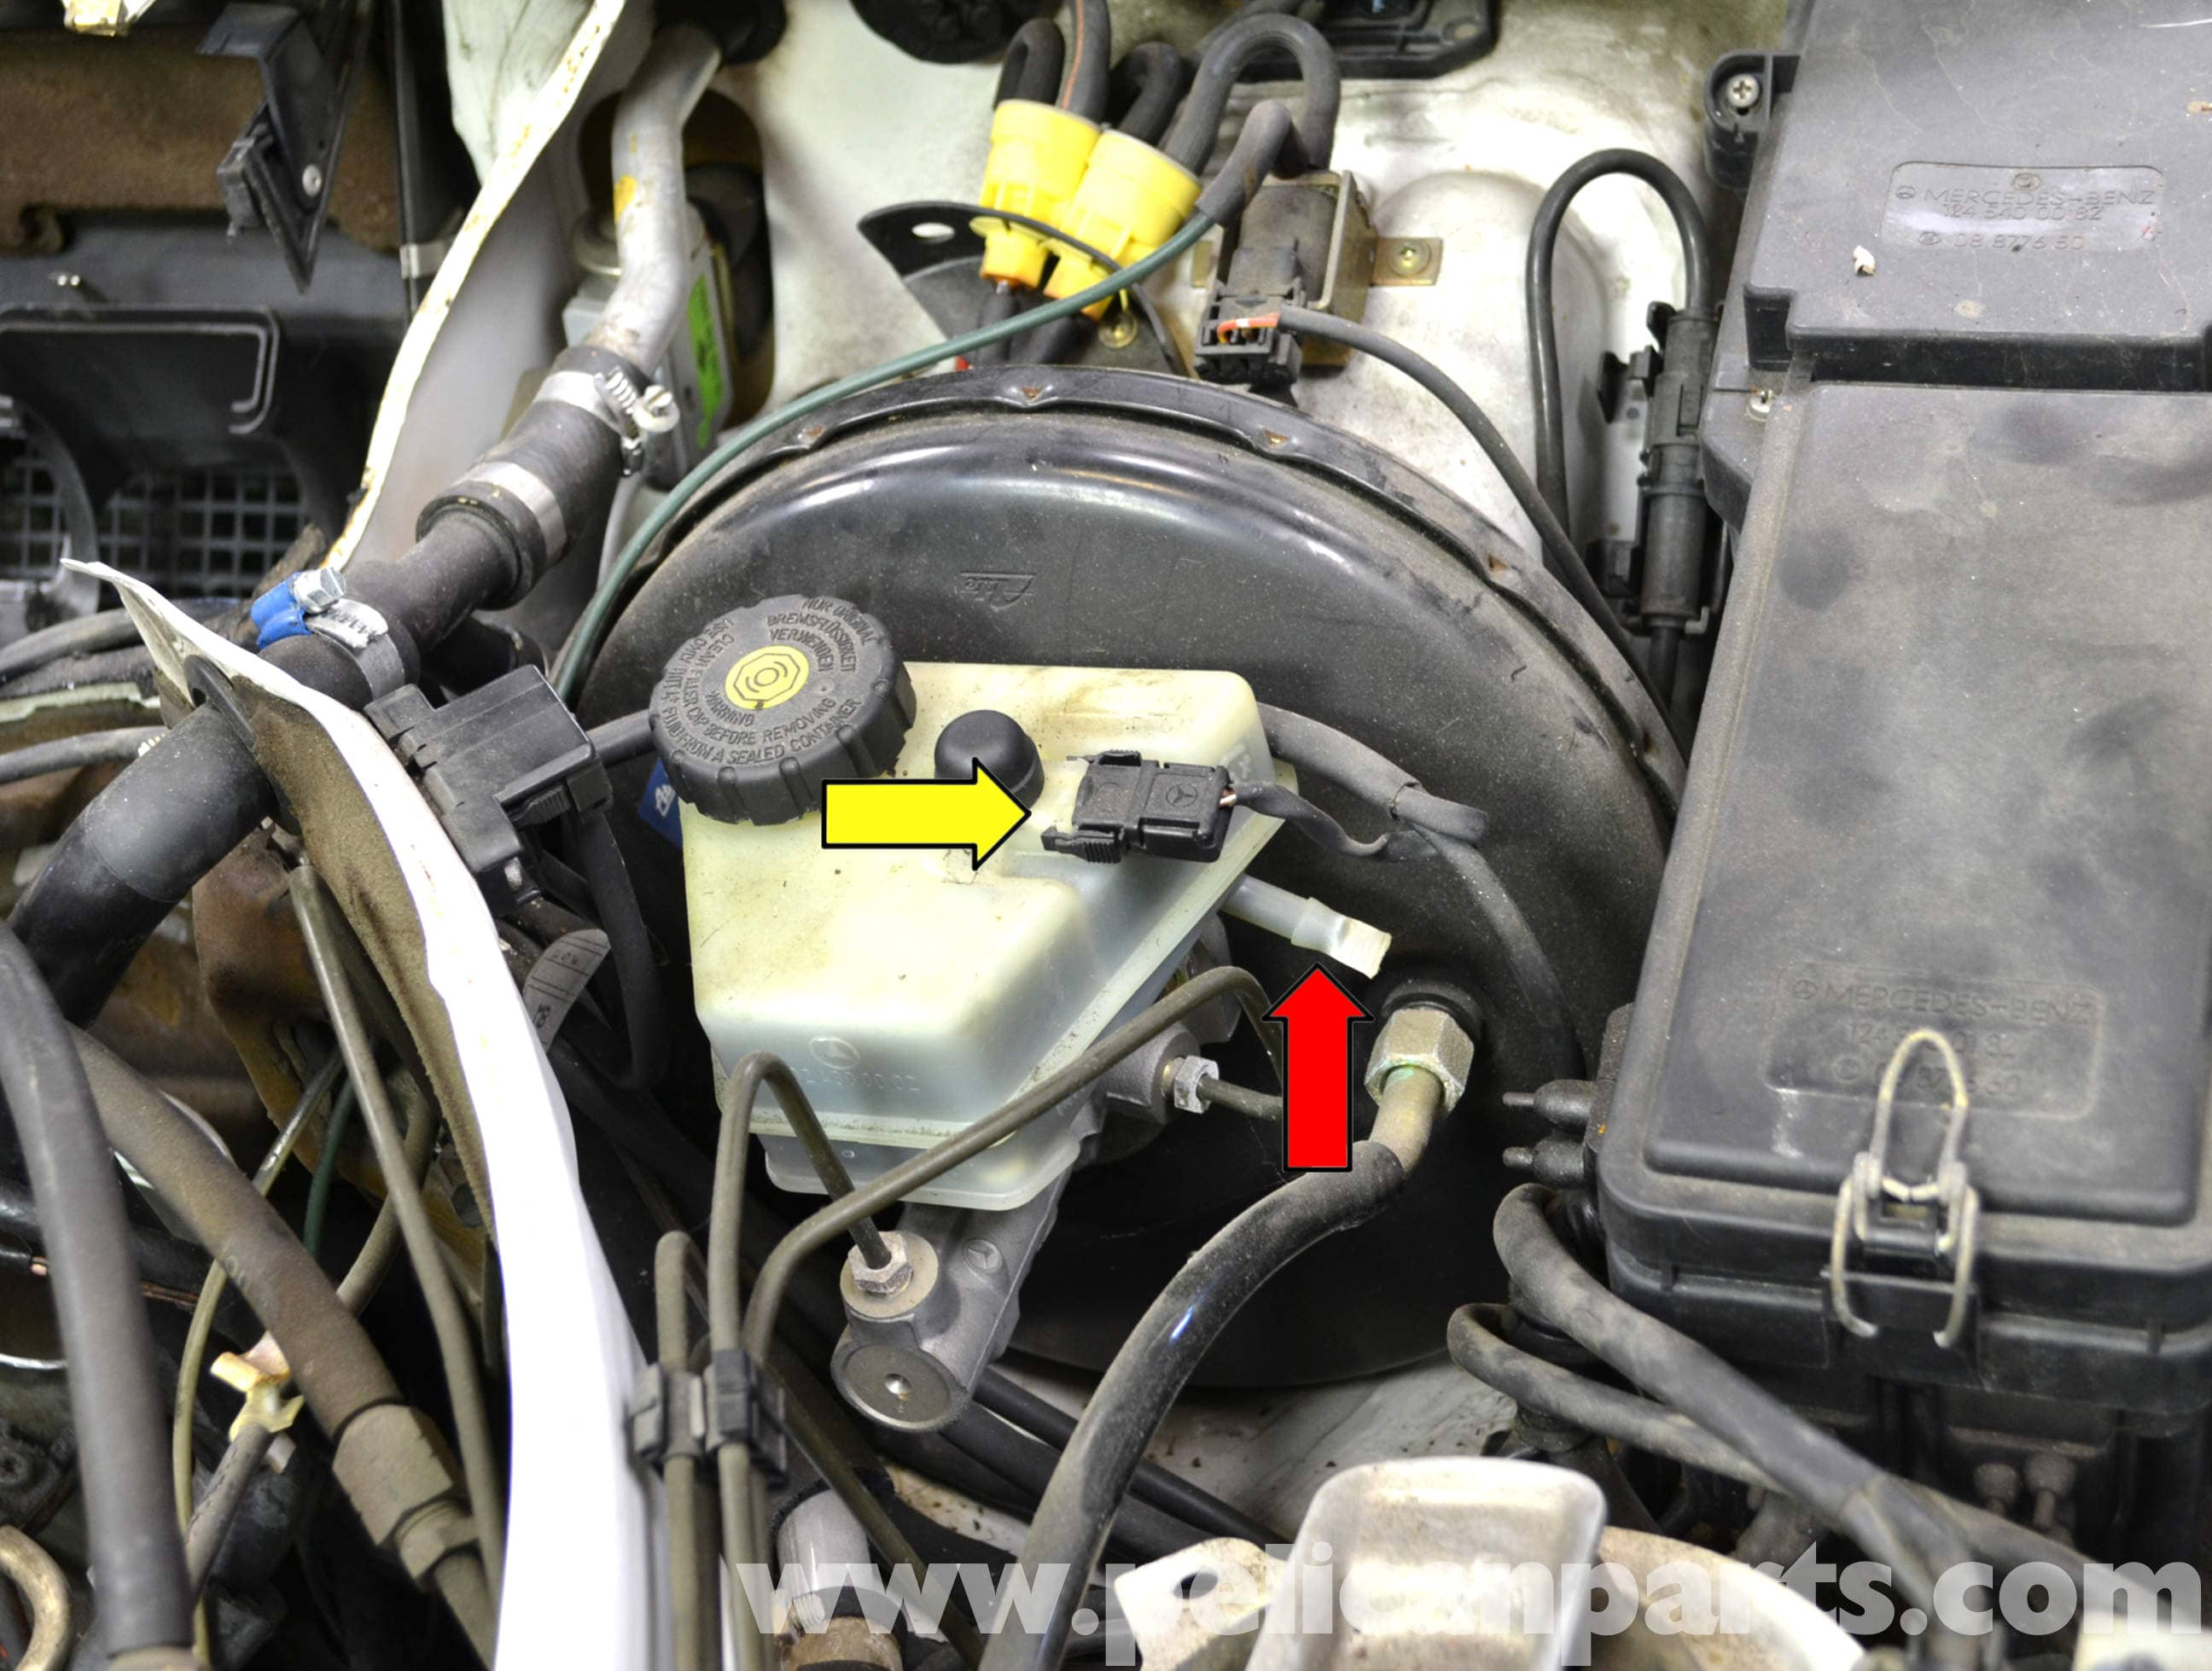 Mercedes Benz W124 Brake Master Cylinder and Reservoir